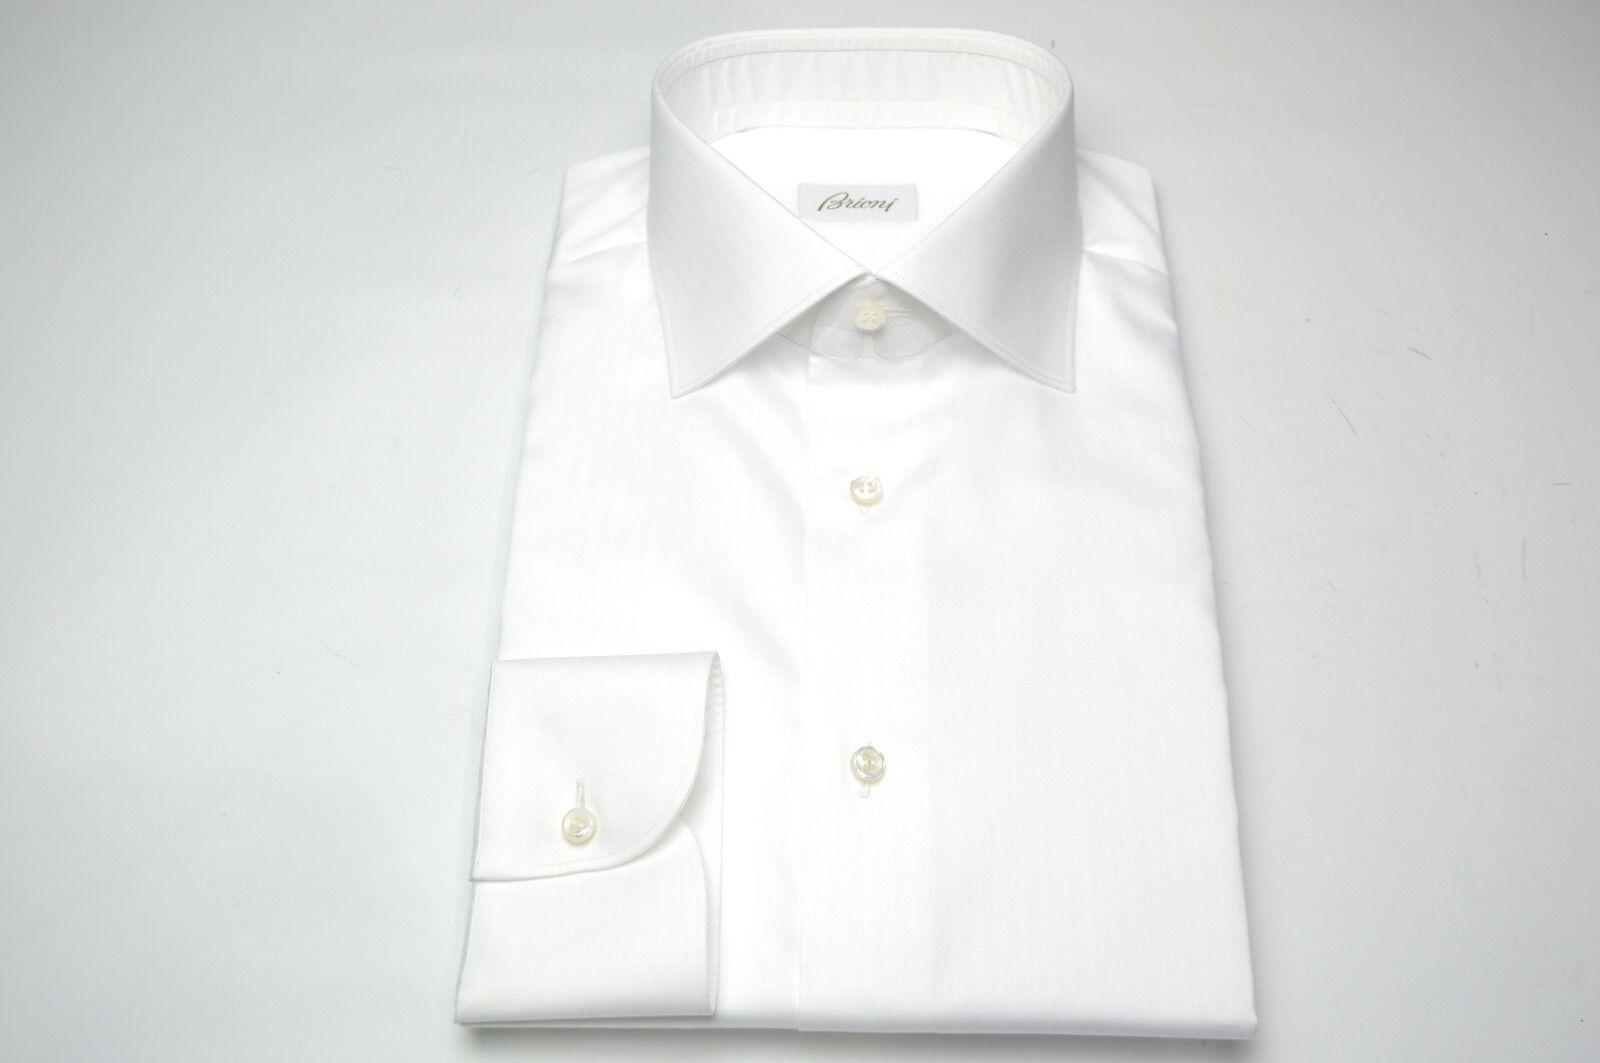 NEW BRIONI Weiß Dress hemd 100% baumwolle Größe 17 Us 43 Eu  (SE50)